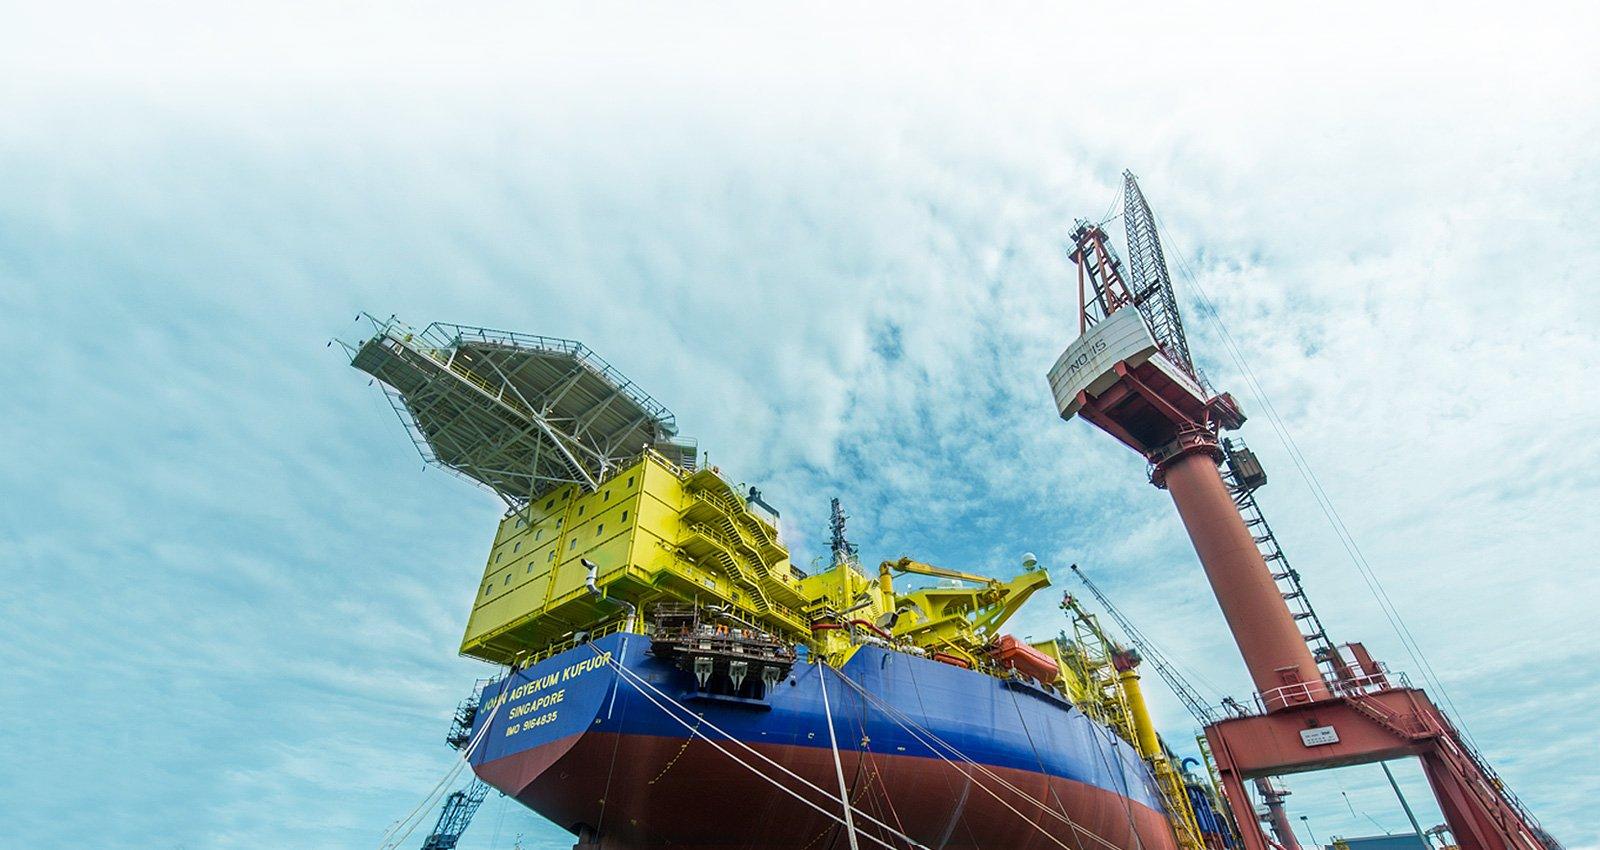 A intençãoYinson Holdings Bhd eSumitomo Corporation e fazer um joint venture para fornecer flutuadores para o Campo de Marlin para os projetos de revitalização do ativo